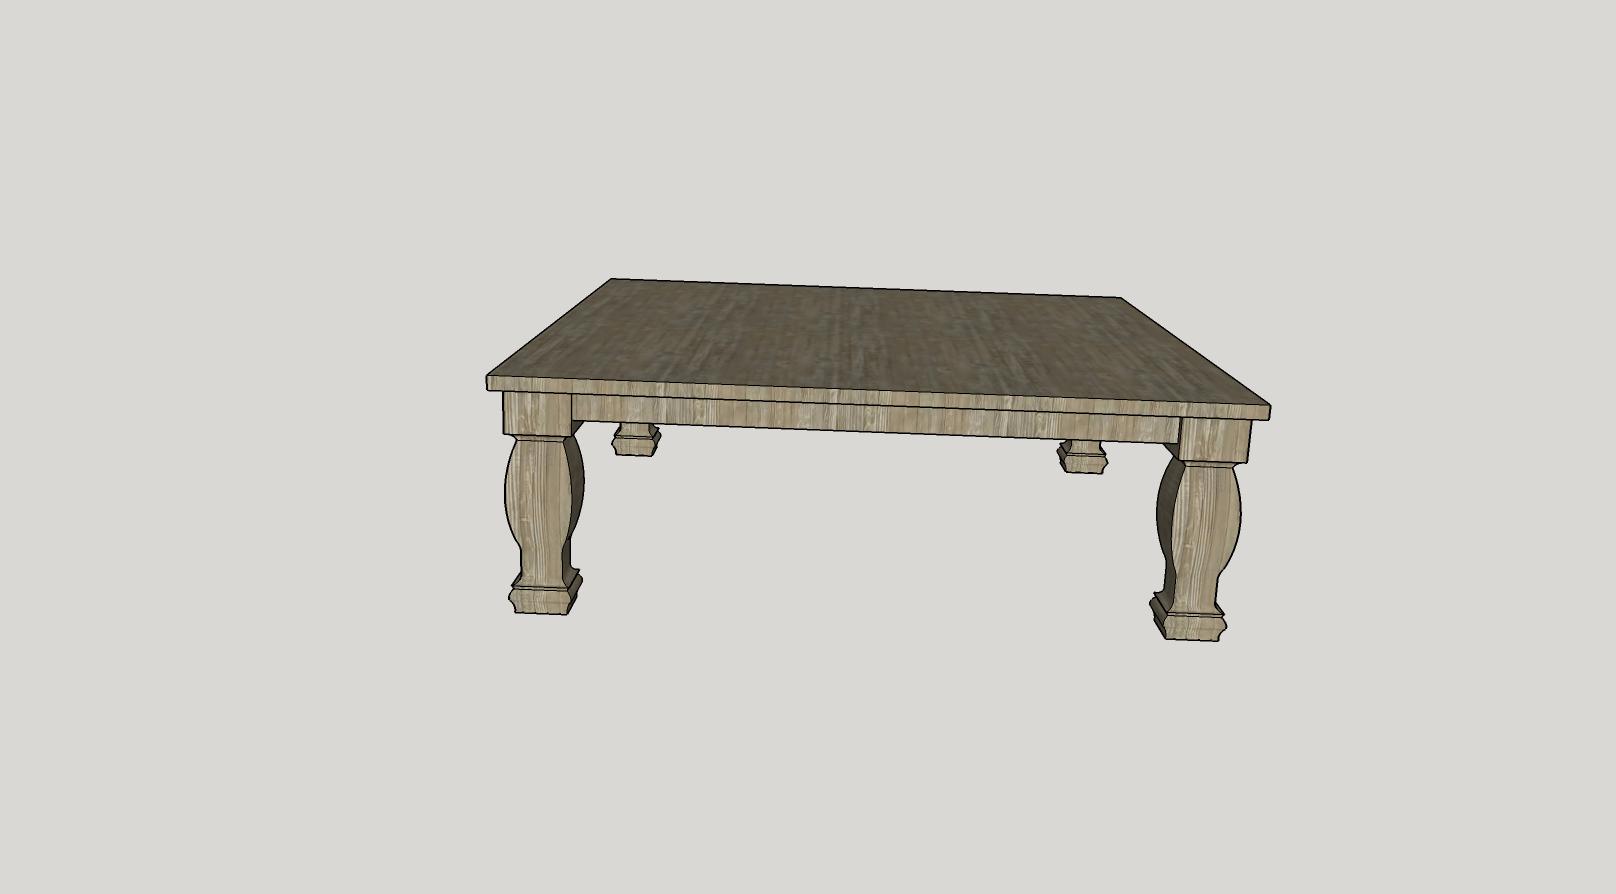 custom square table sketch